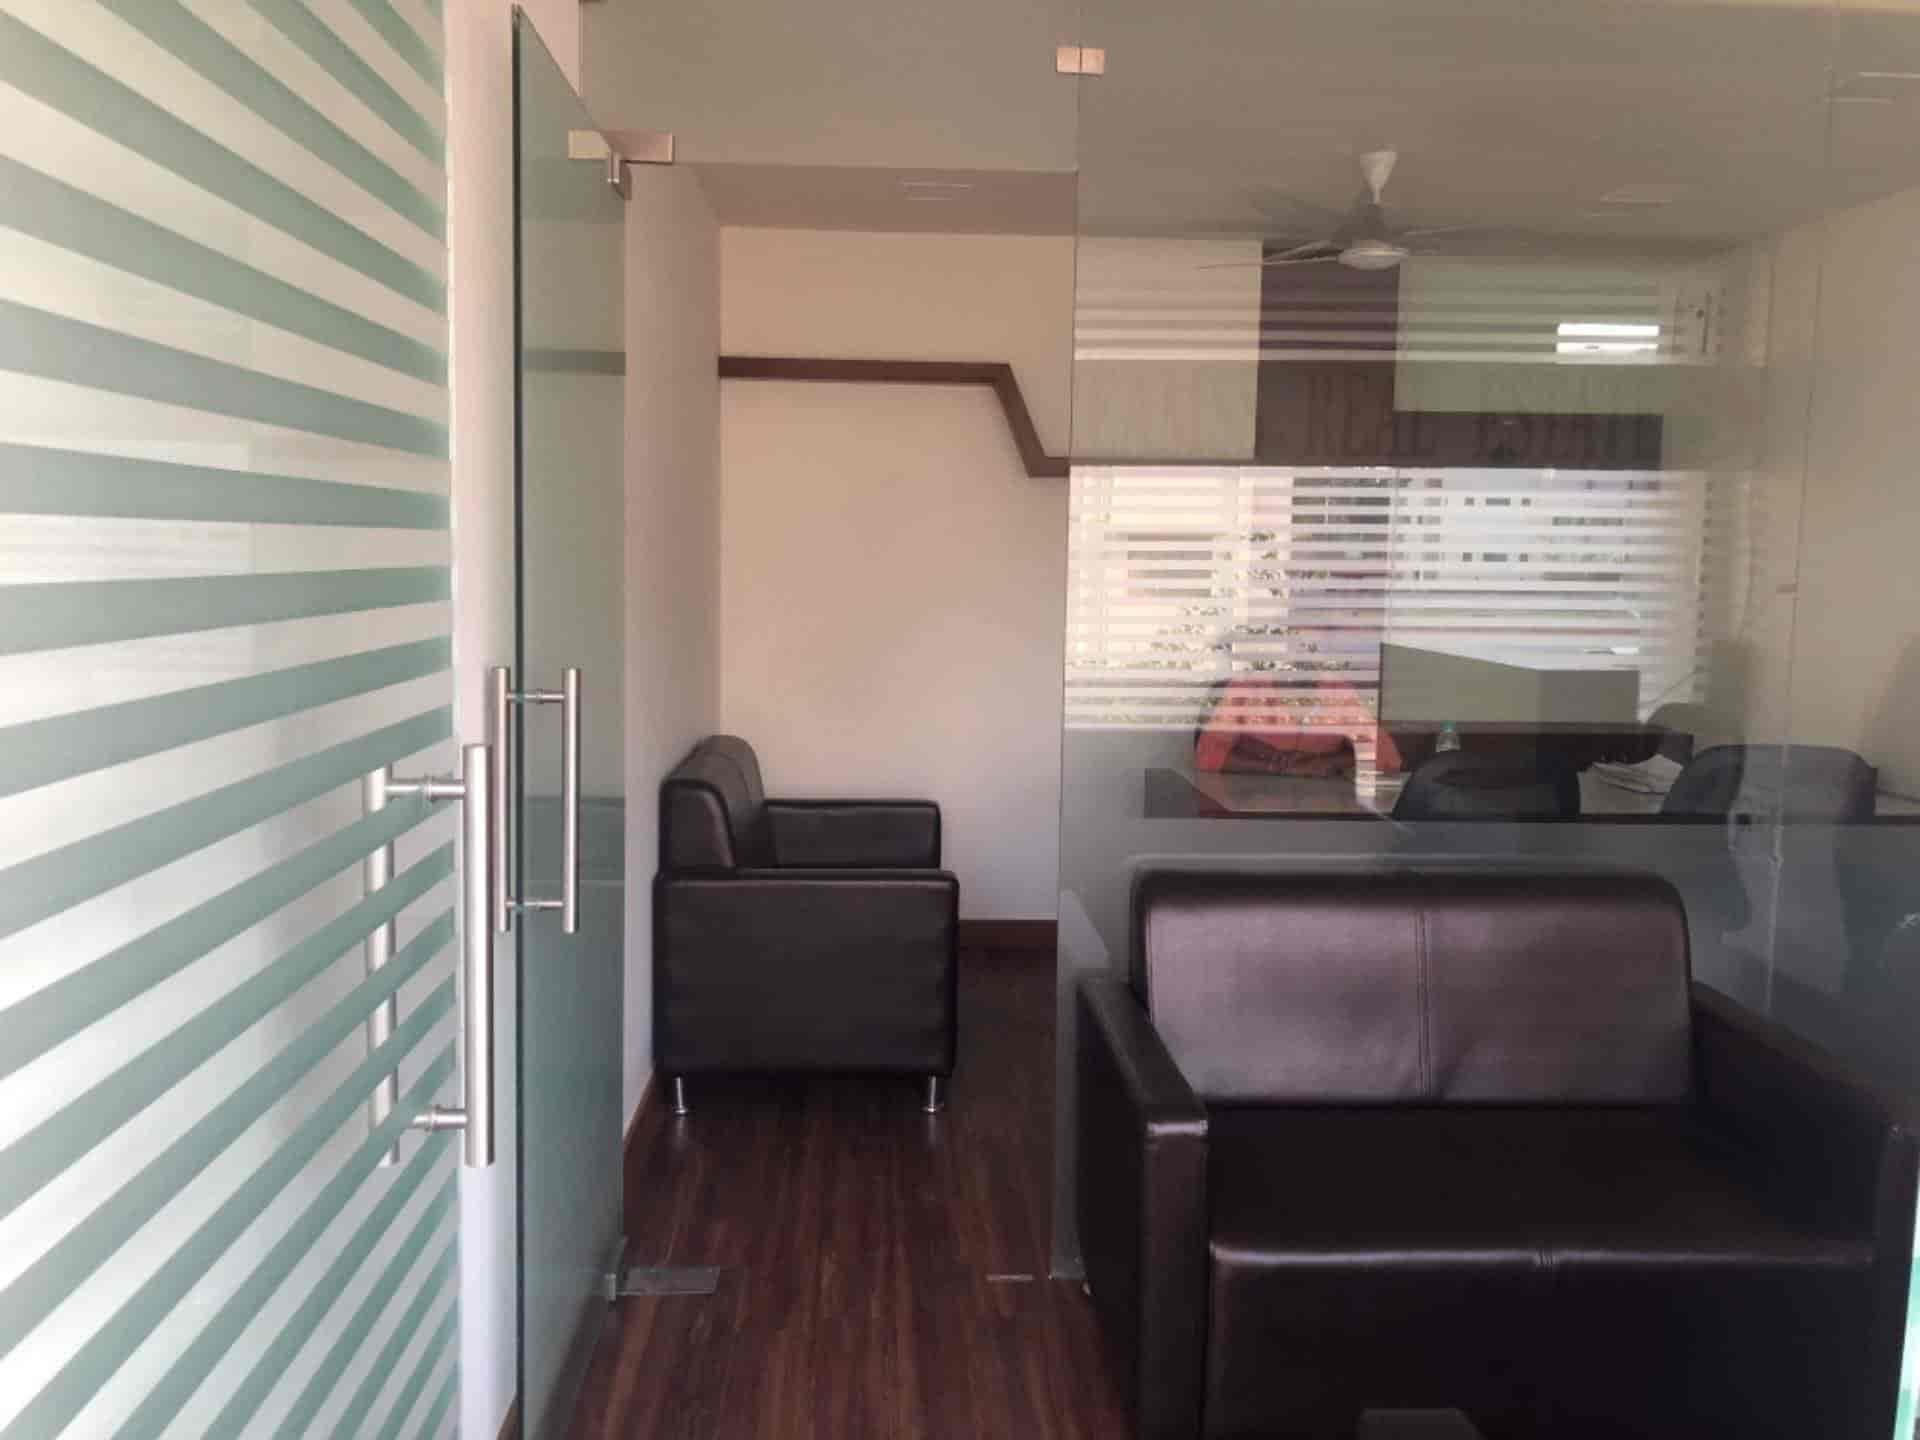 Top Real Estate Agents For Commercial Rental In Hsr Layout Best Estate Agents For Commercial Space Rental Hsr Layout Bangalore À¤à¤¸ À¤Ÿ À¤Ÿ À¤à¤œ À¤Ÿ À¤¸ À¤« À¤° À¤•à¤®à¤° À¤¶ À¤¯à¤² À¤° À¤Ÿà¤² À¤¬ À¤—ल À¤° Brokers For Shop